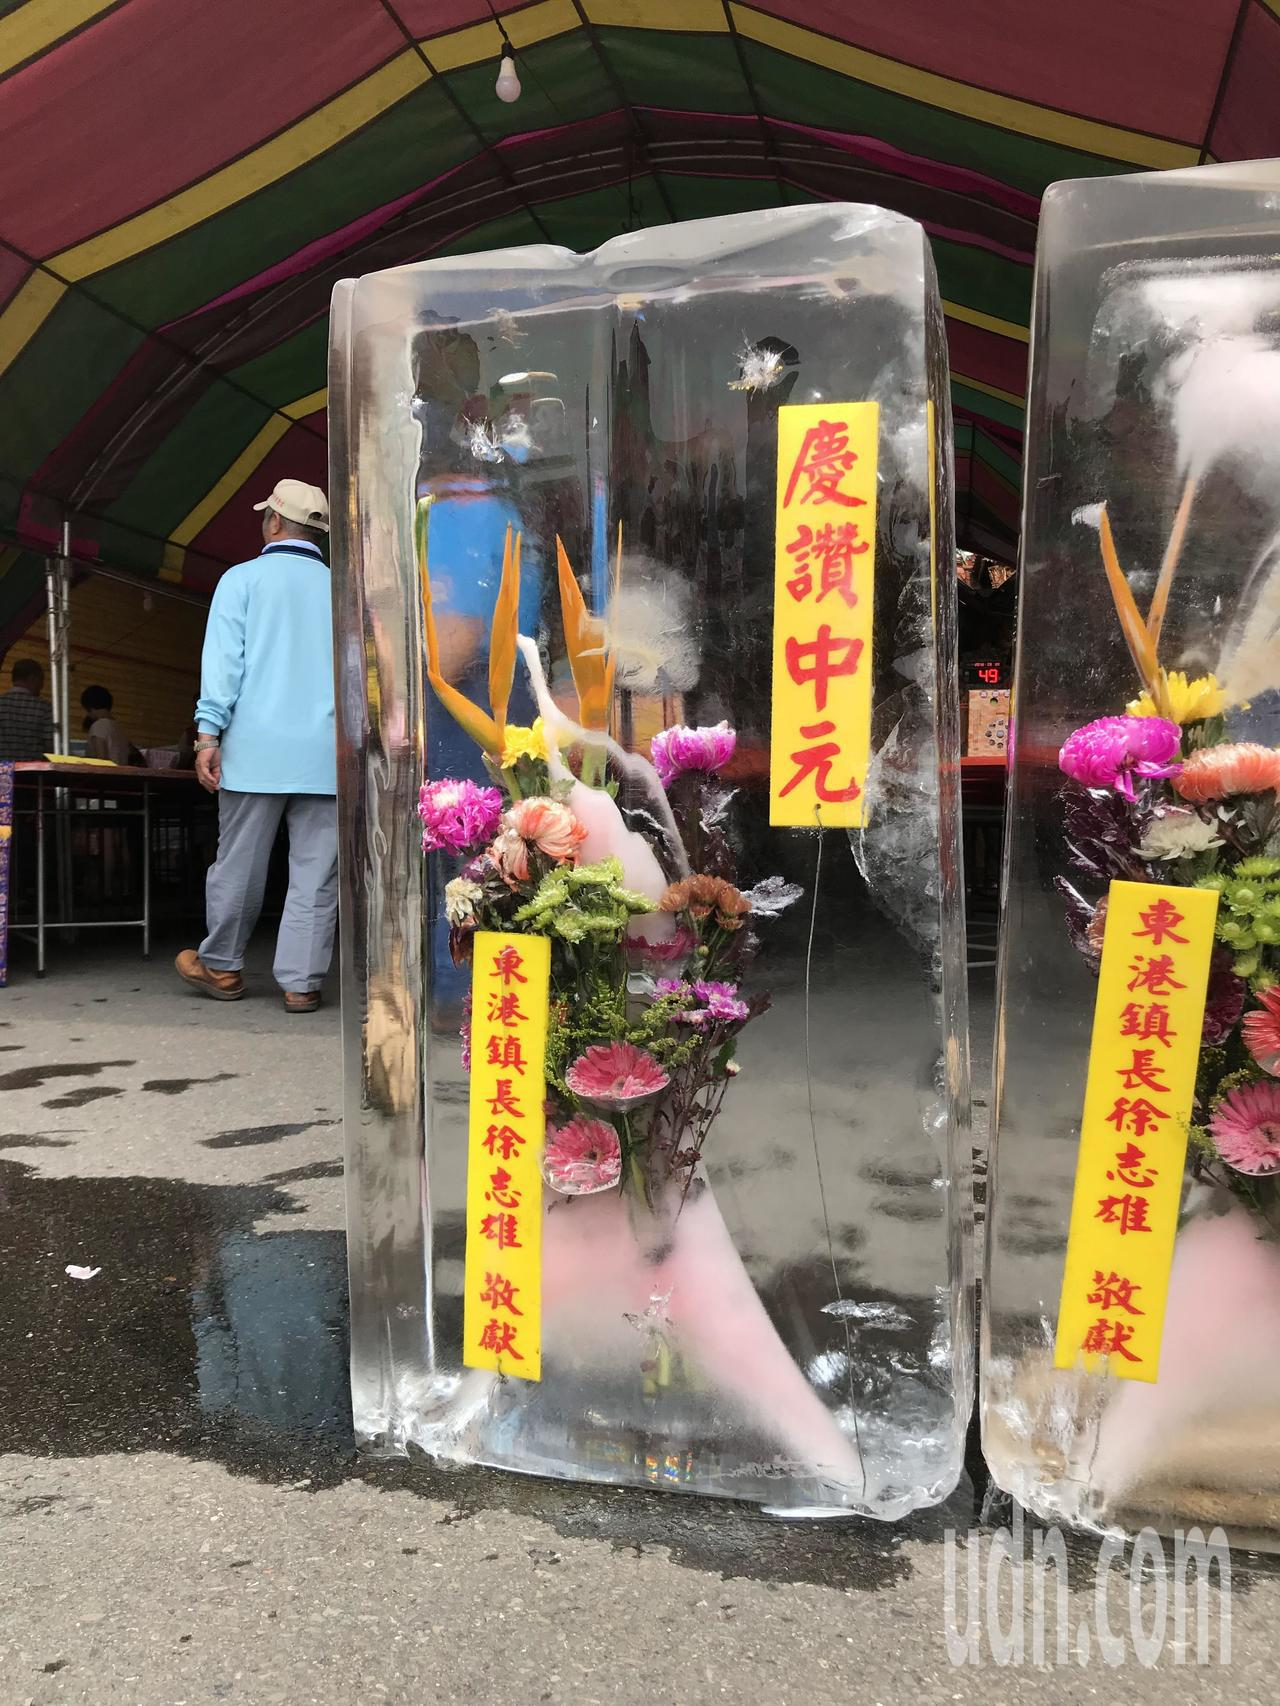 晶瑩剔透的「冰花」是東港農曆七月普渡法會的特色,相當消暑。記者蔣繼平╱攝影